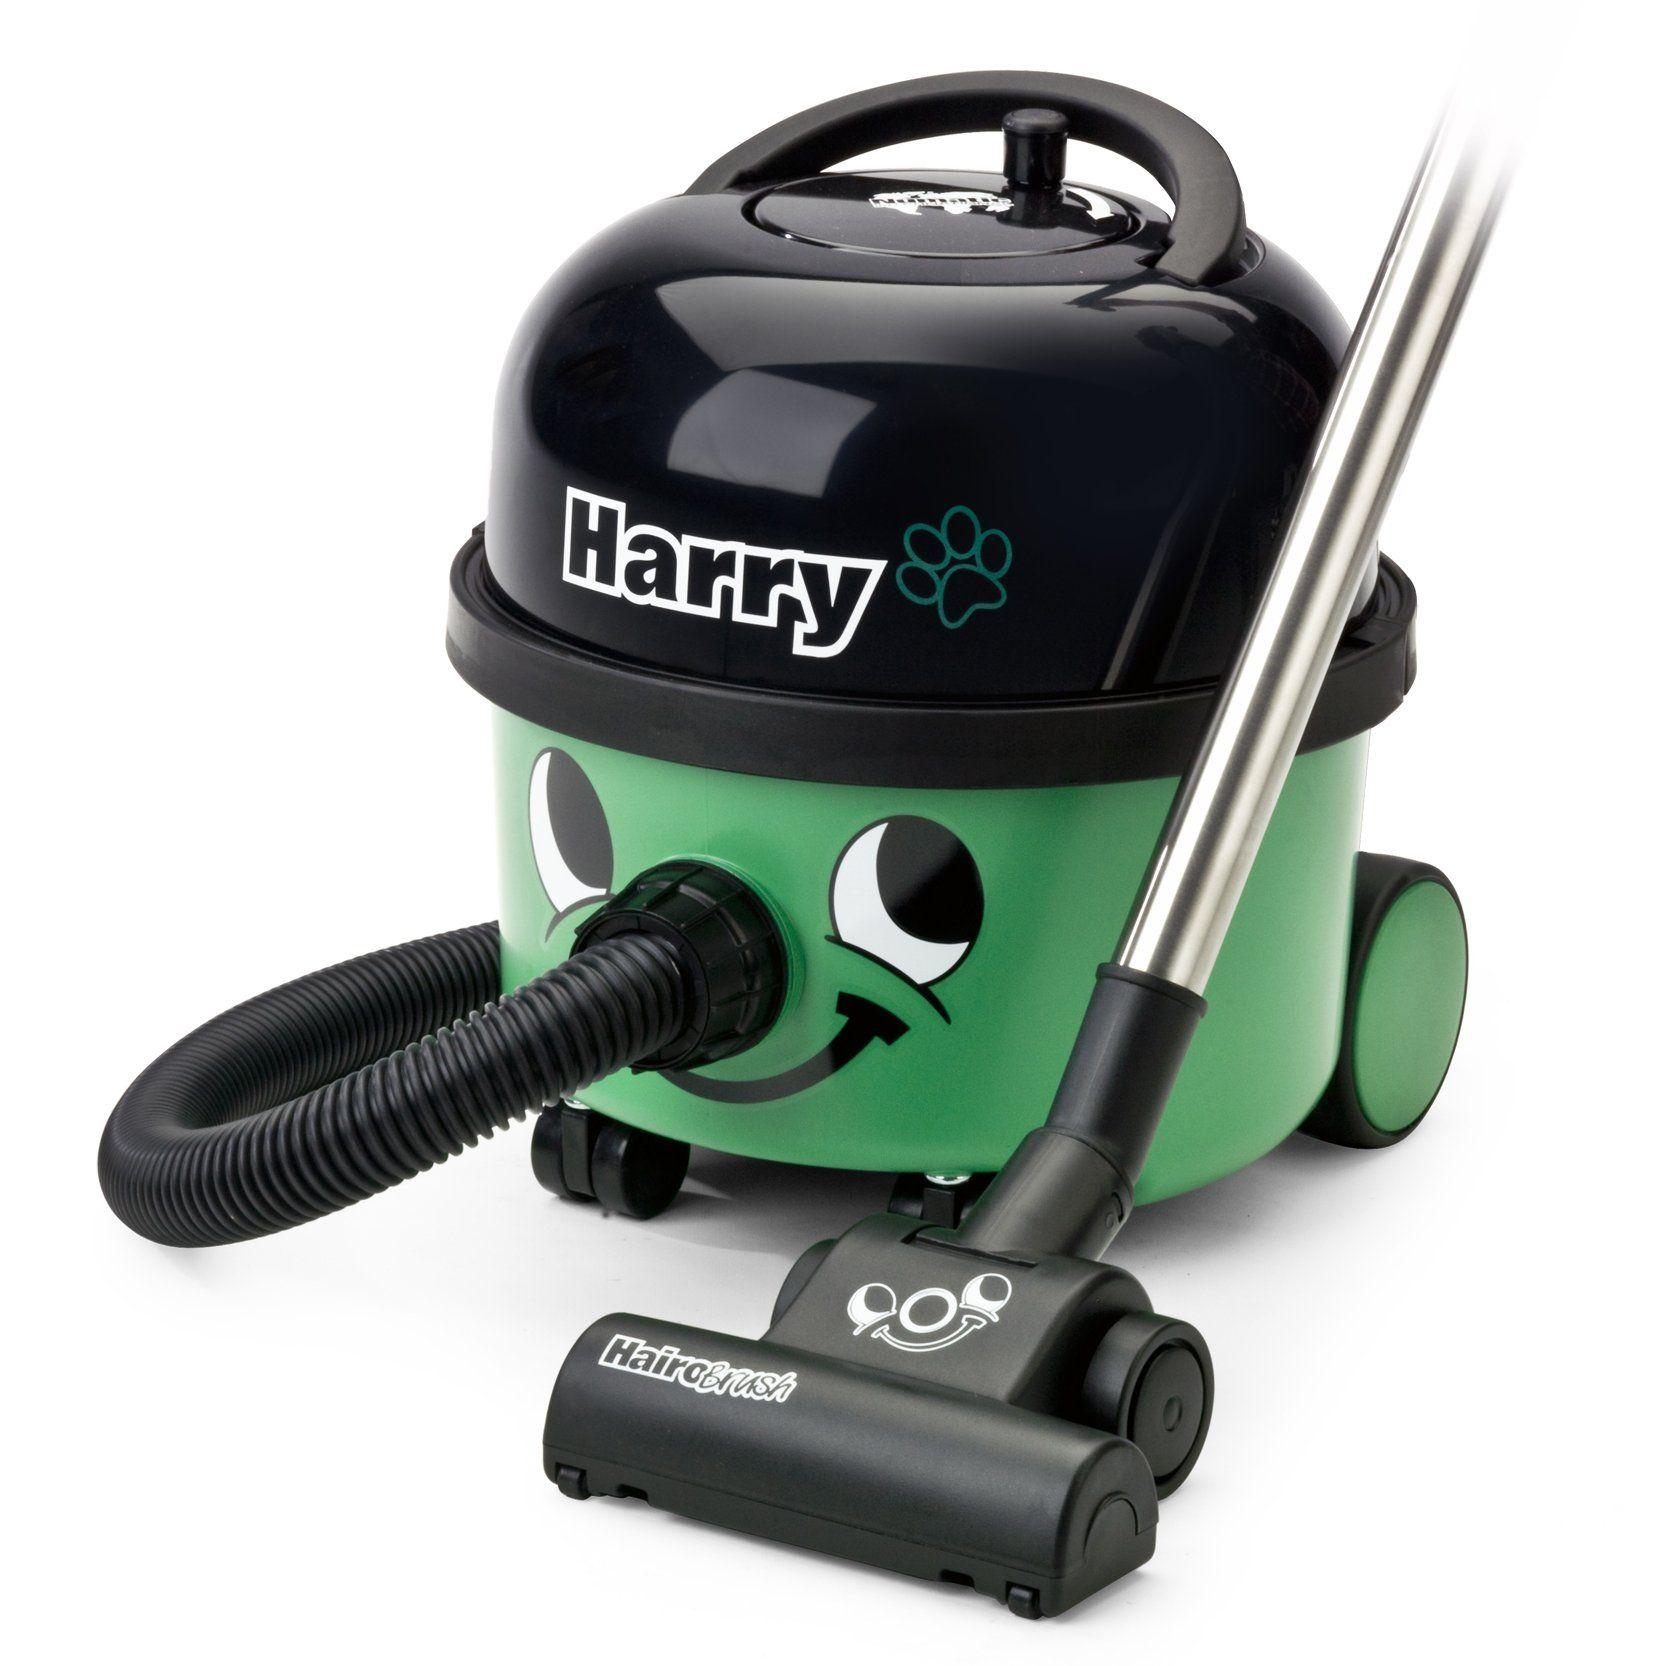 Numatic Harry Pet Vacuum Cleaner Vacuum cleaner brands